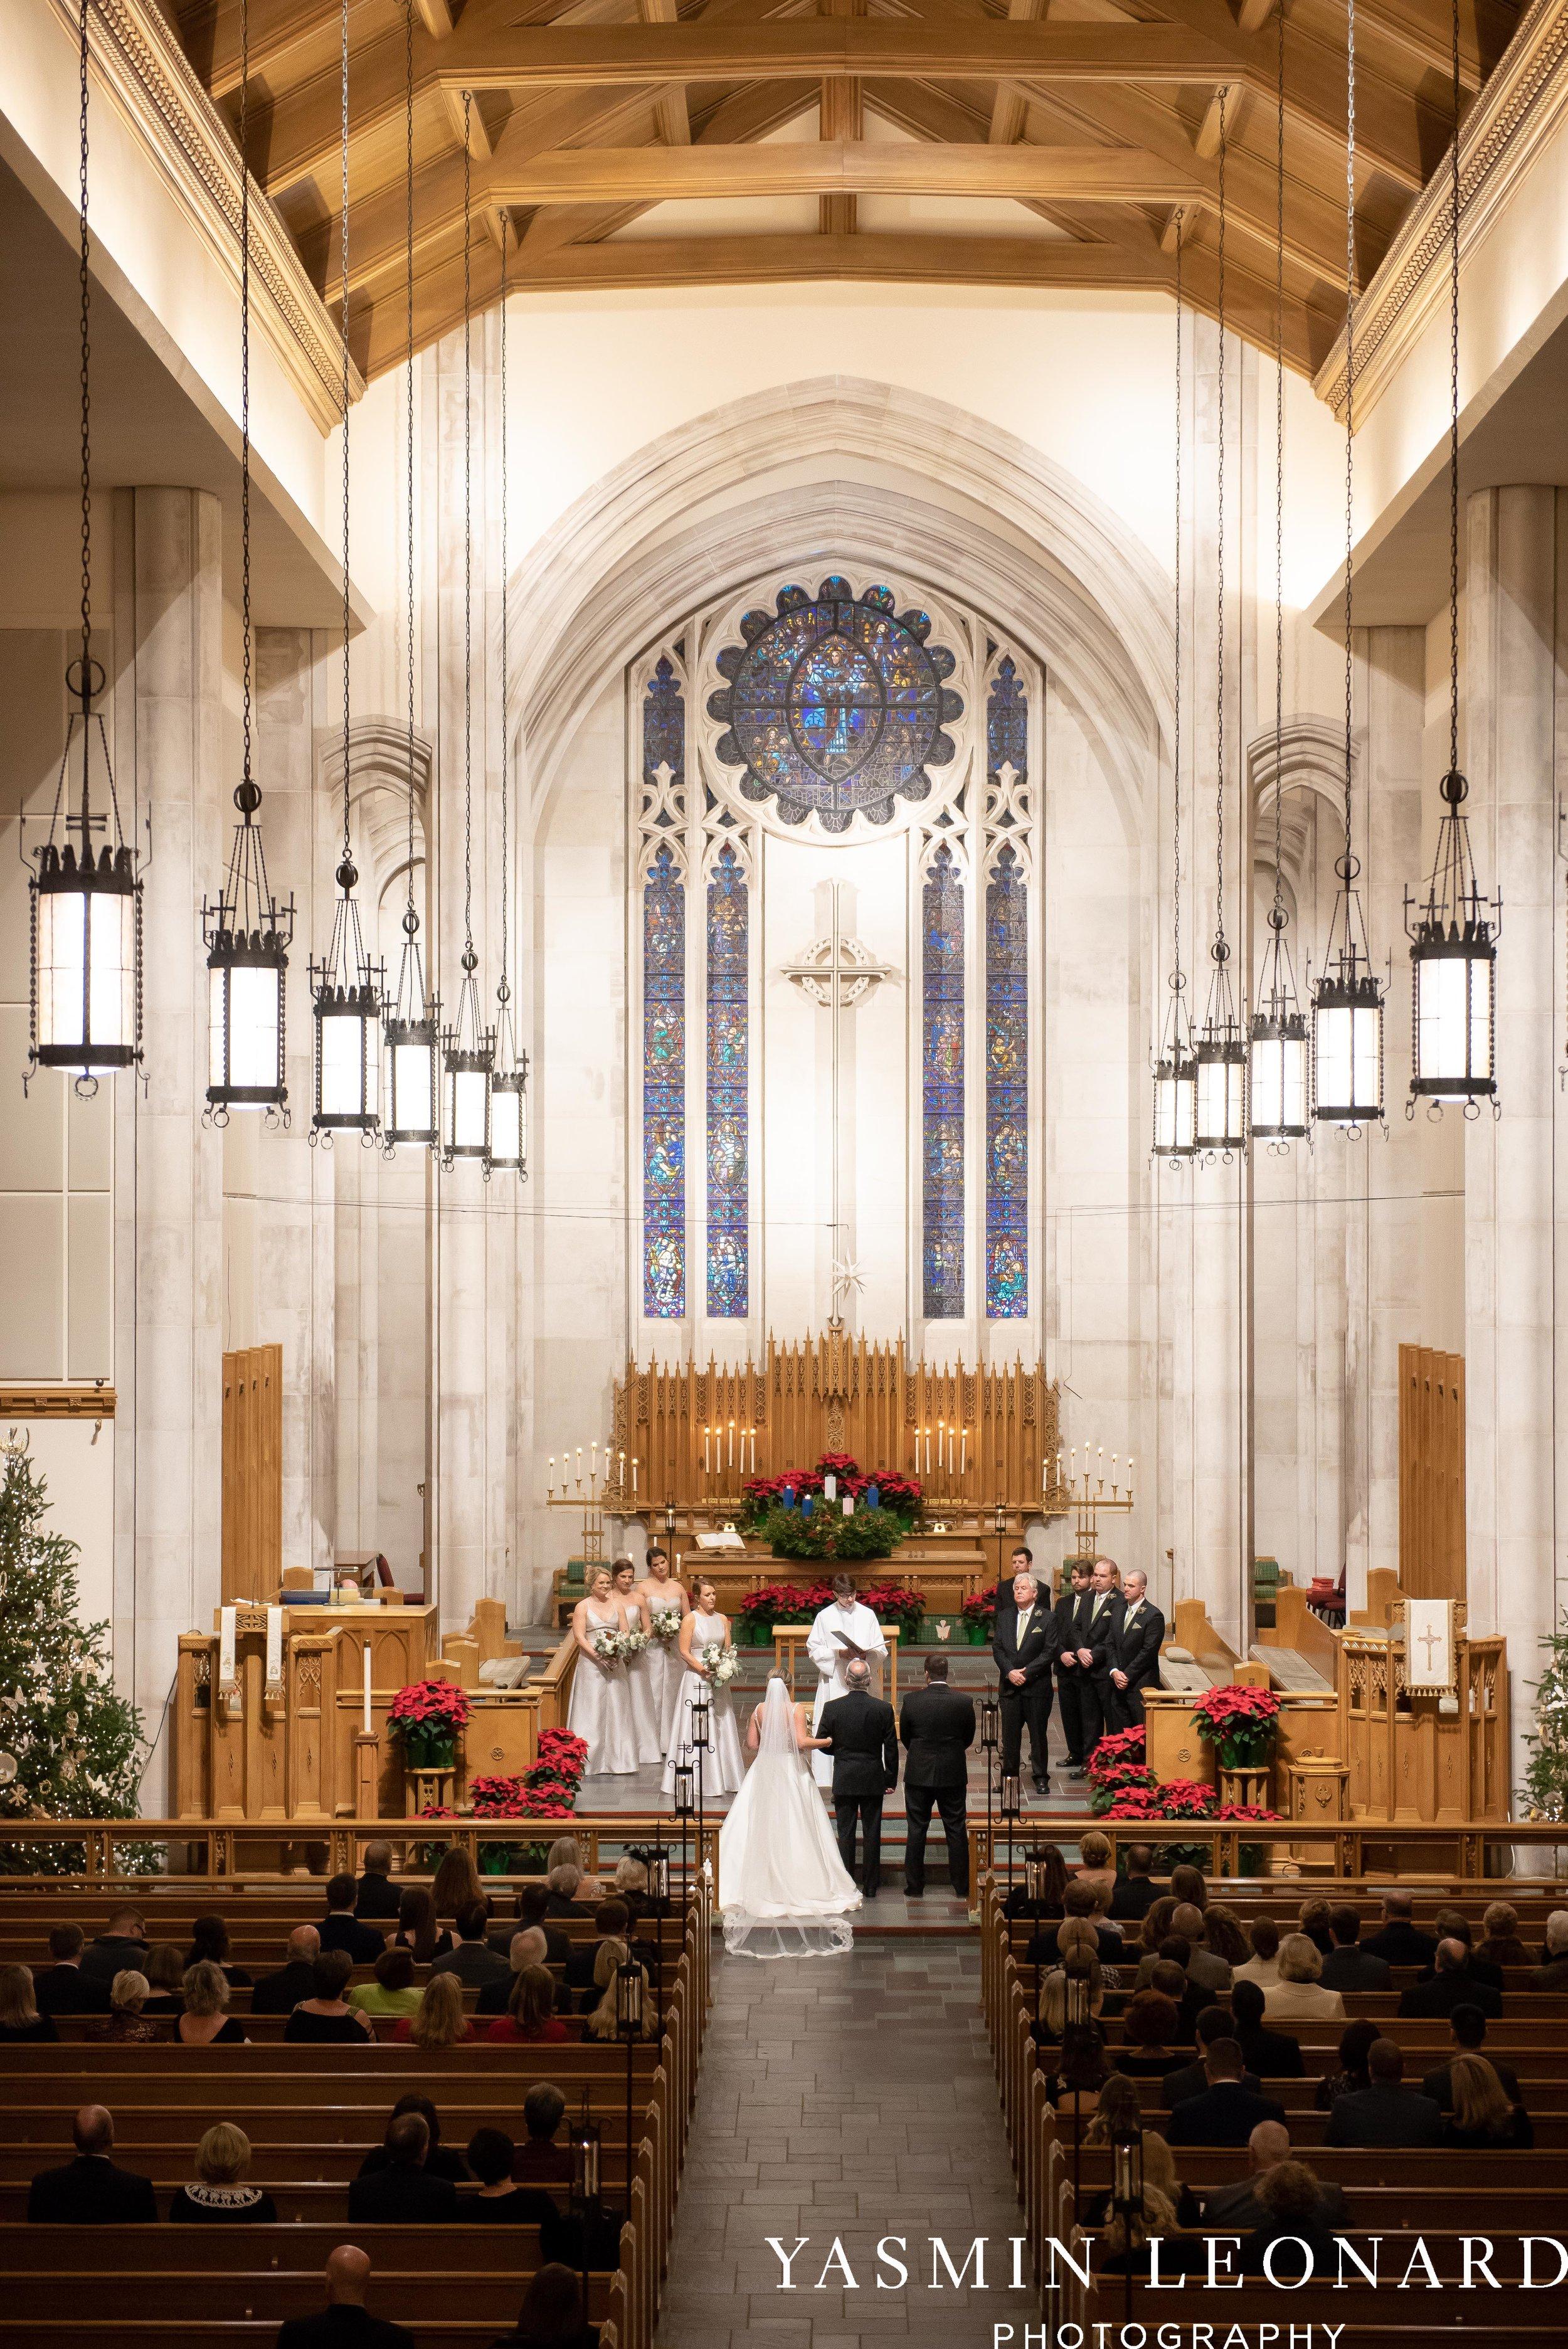 Adaumont Farm - Wesley Memorial Weddings - High Point Weddings - Just Priceless - NC Wedding Photographer - Yasmin Leonard Photography - High Point Wedding Vendors-29.jpg